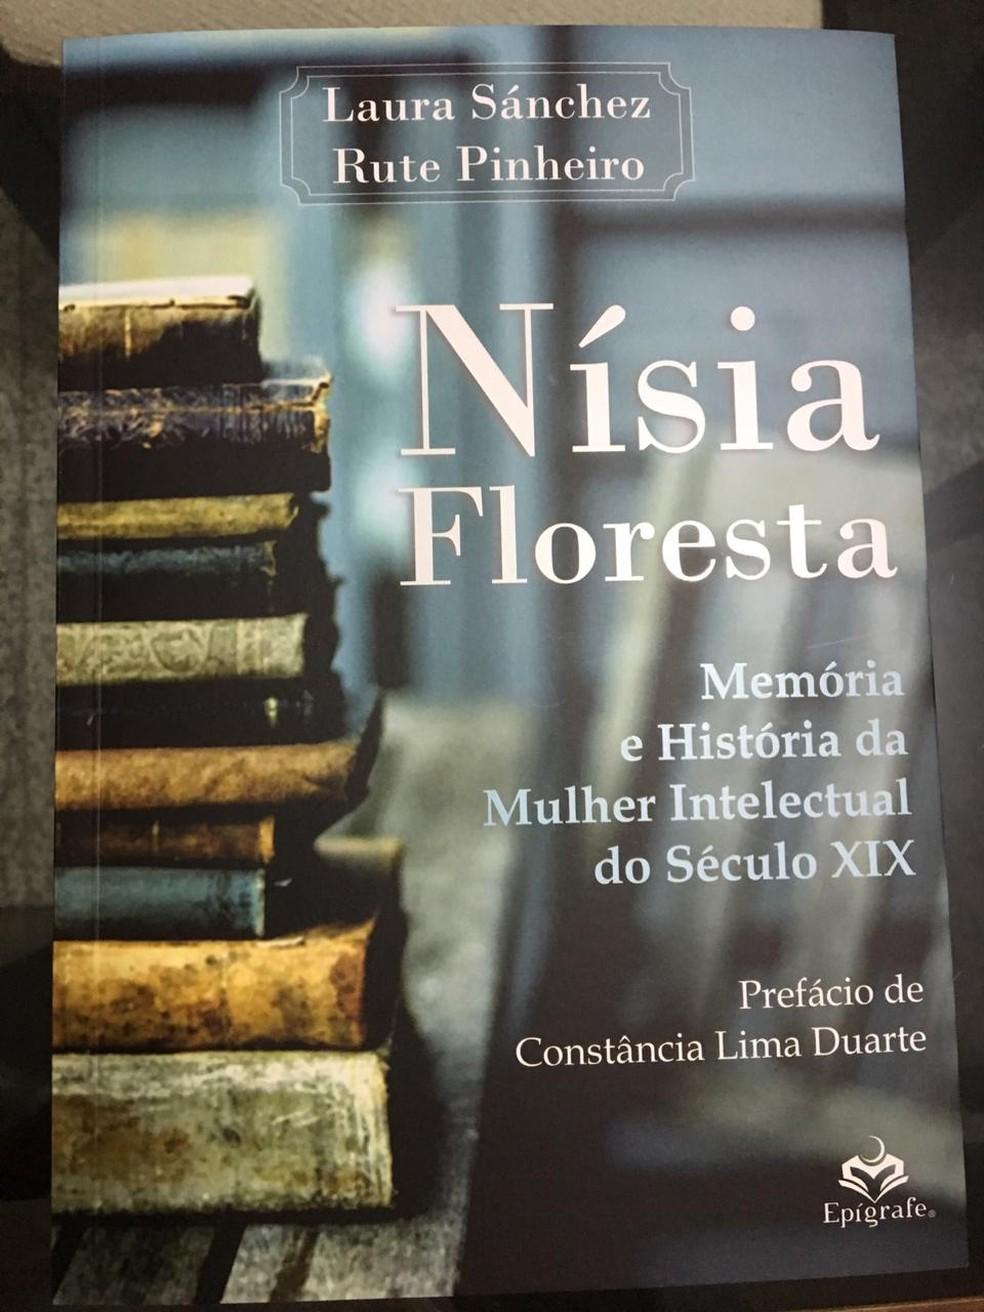 Livro 'Nísia Floresta - Memória e História da Mulher Intelectual do Século XIX' é lançado em Natal — Foto: Divulgação